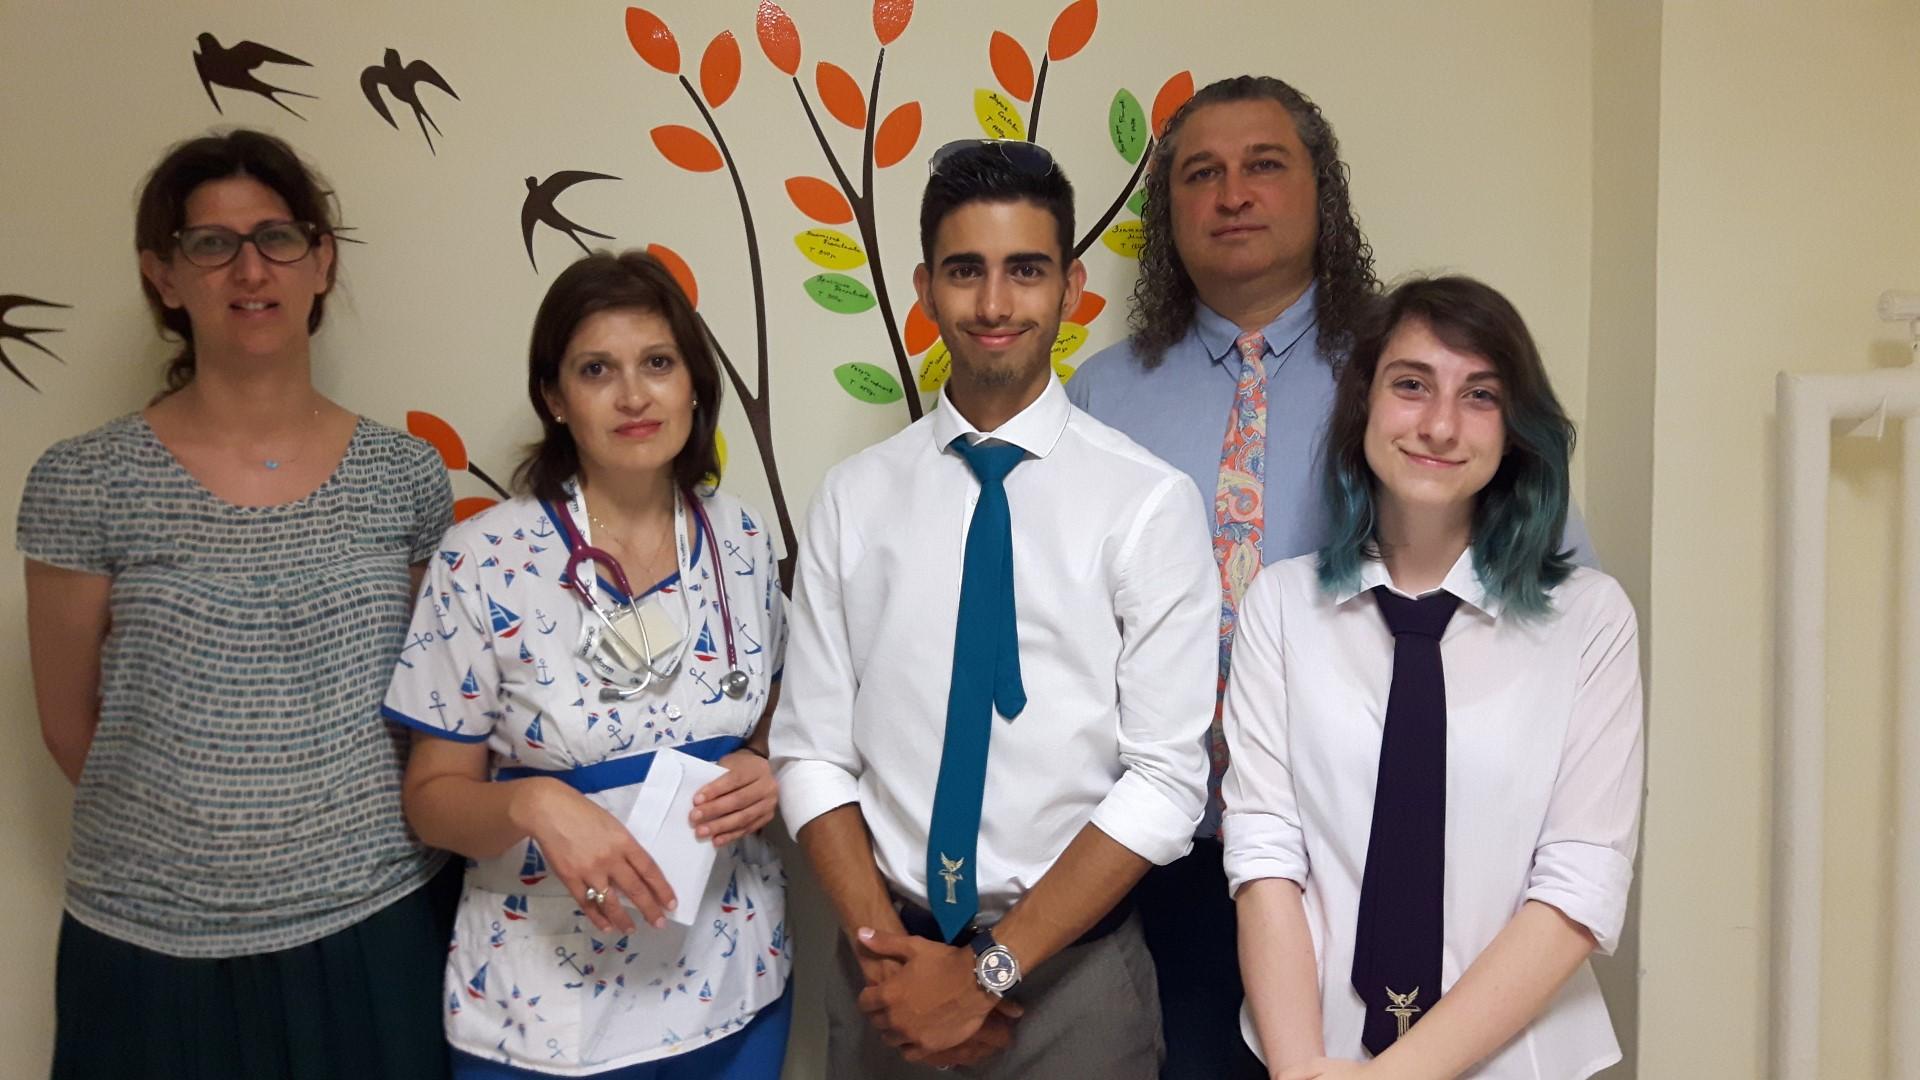 Ученици събраха 1 100 лева за недоносените бебета. Дариха парите на УМБАЛ Бургас